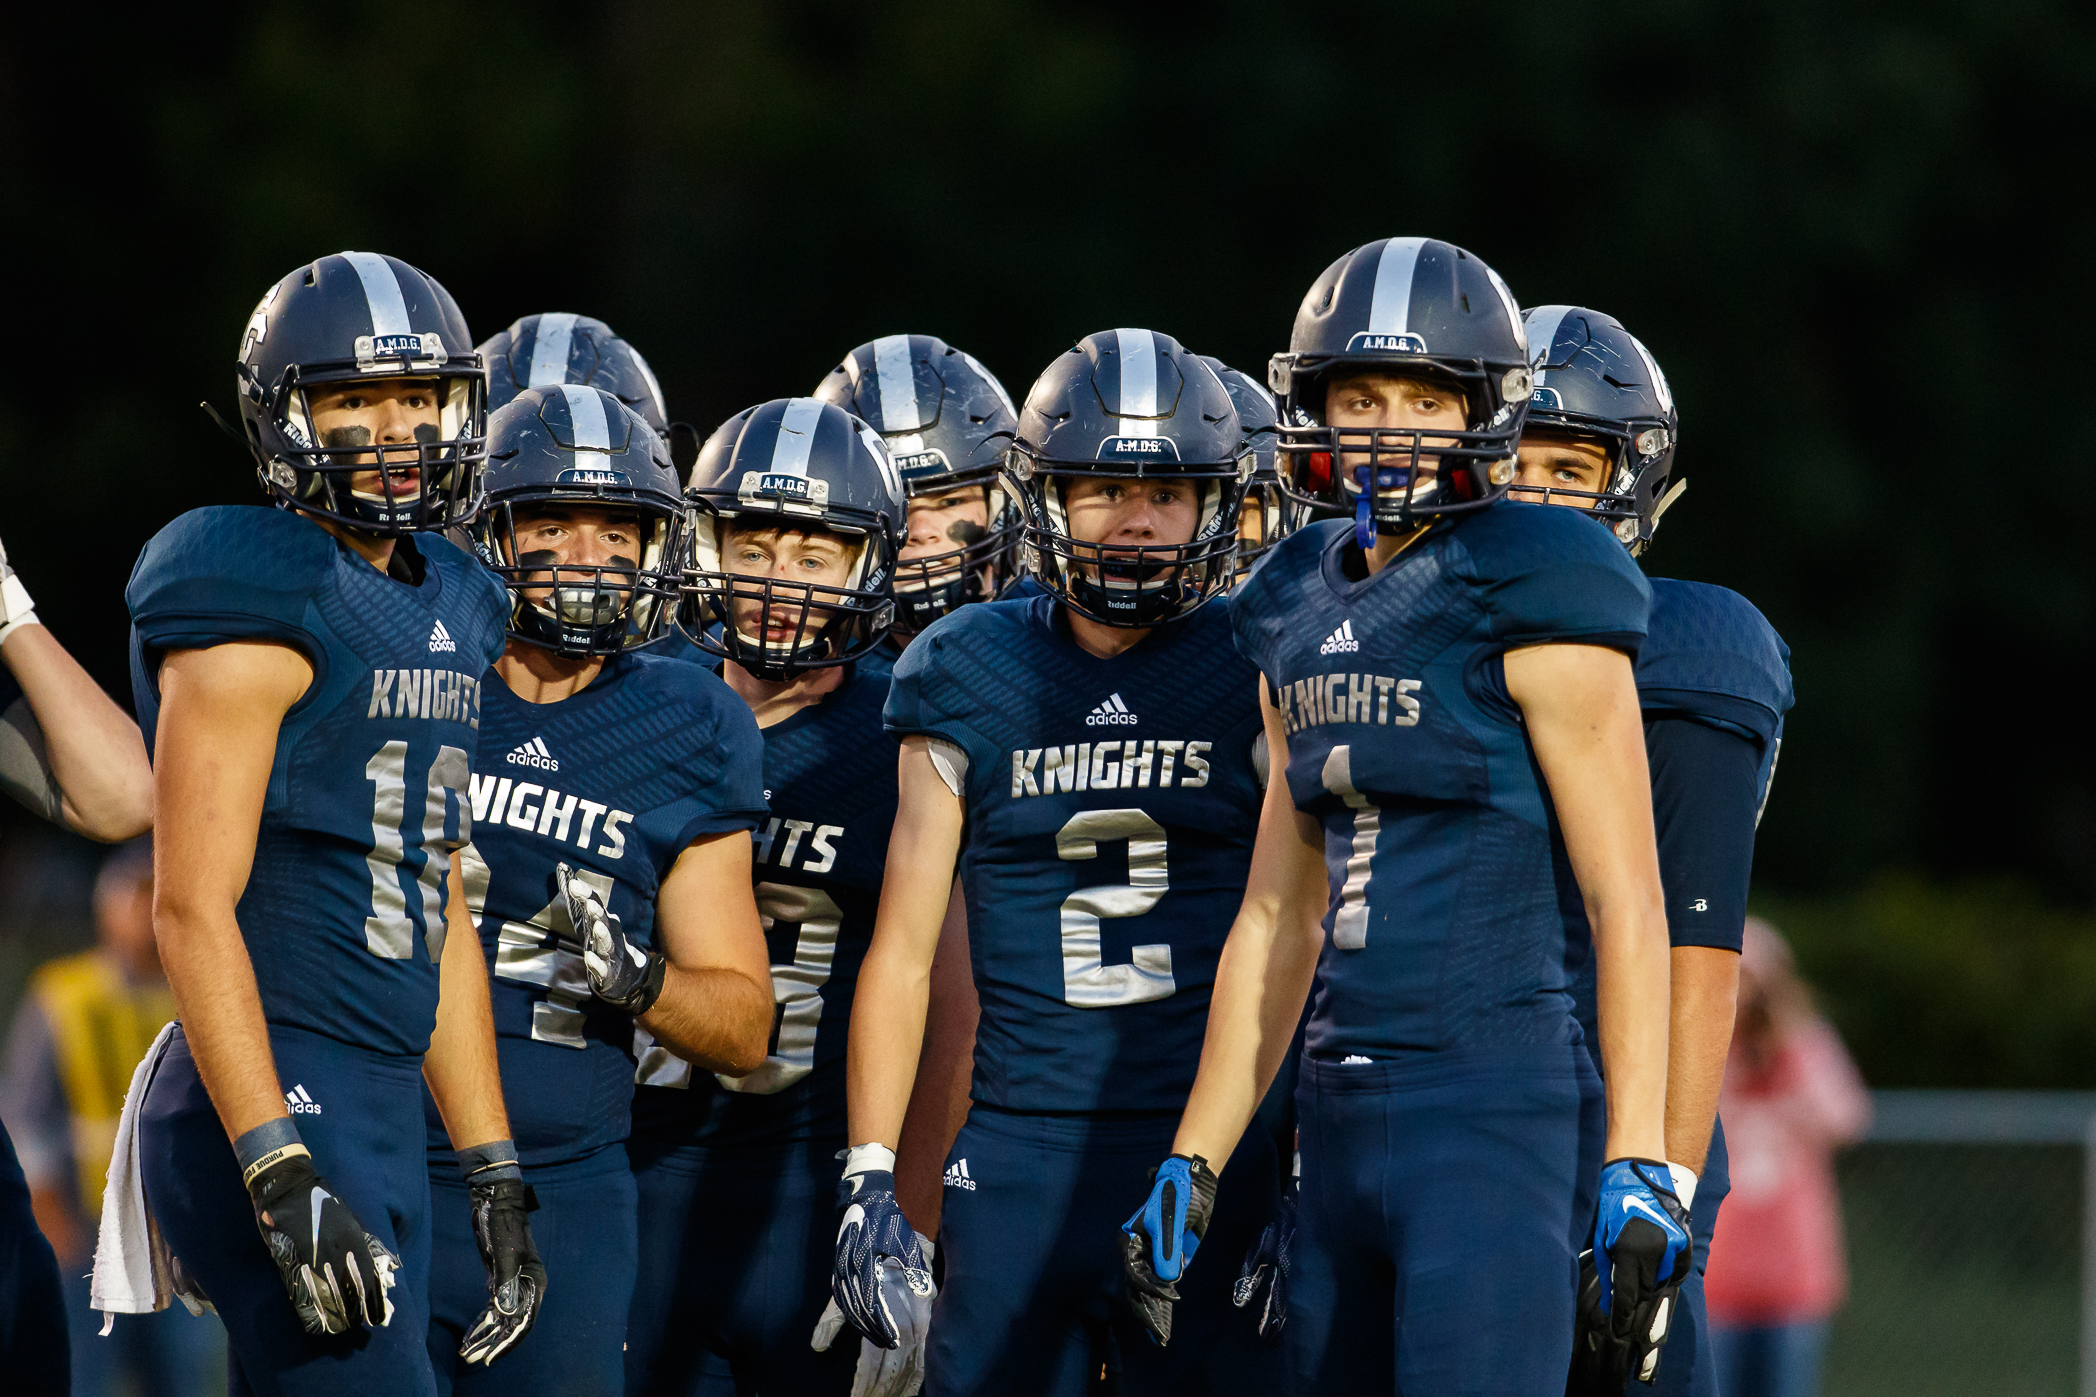 Knights begin 1A Post Season Play at Home